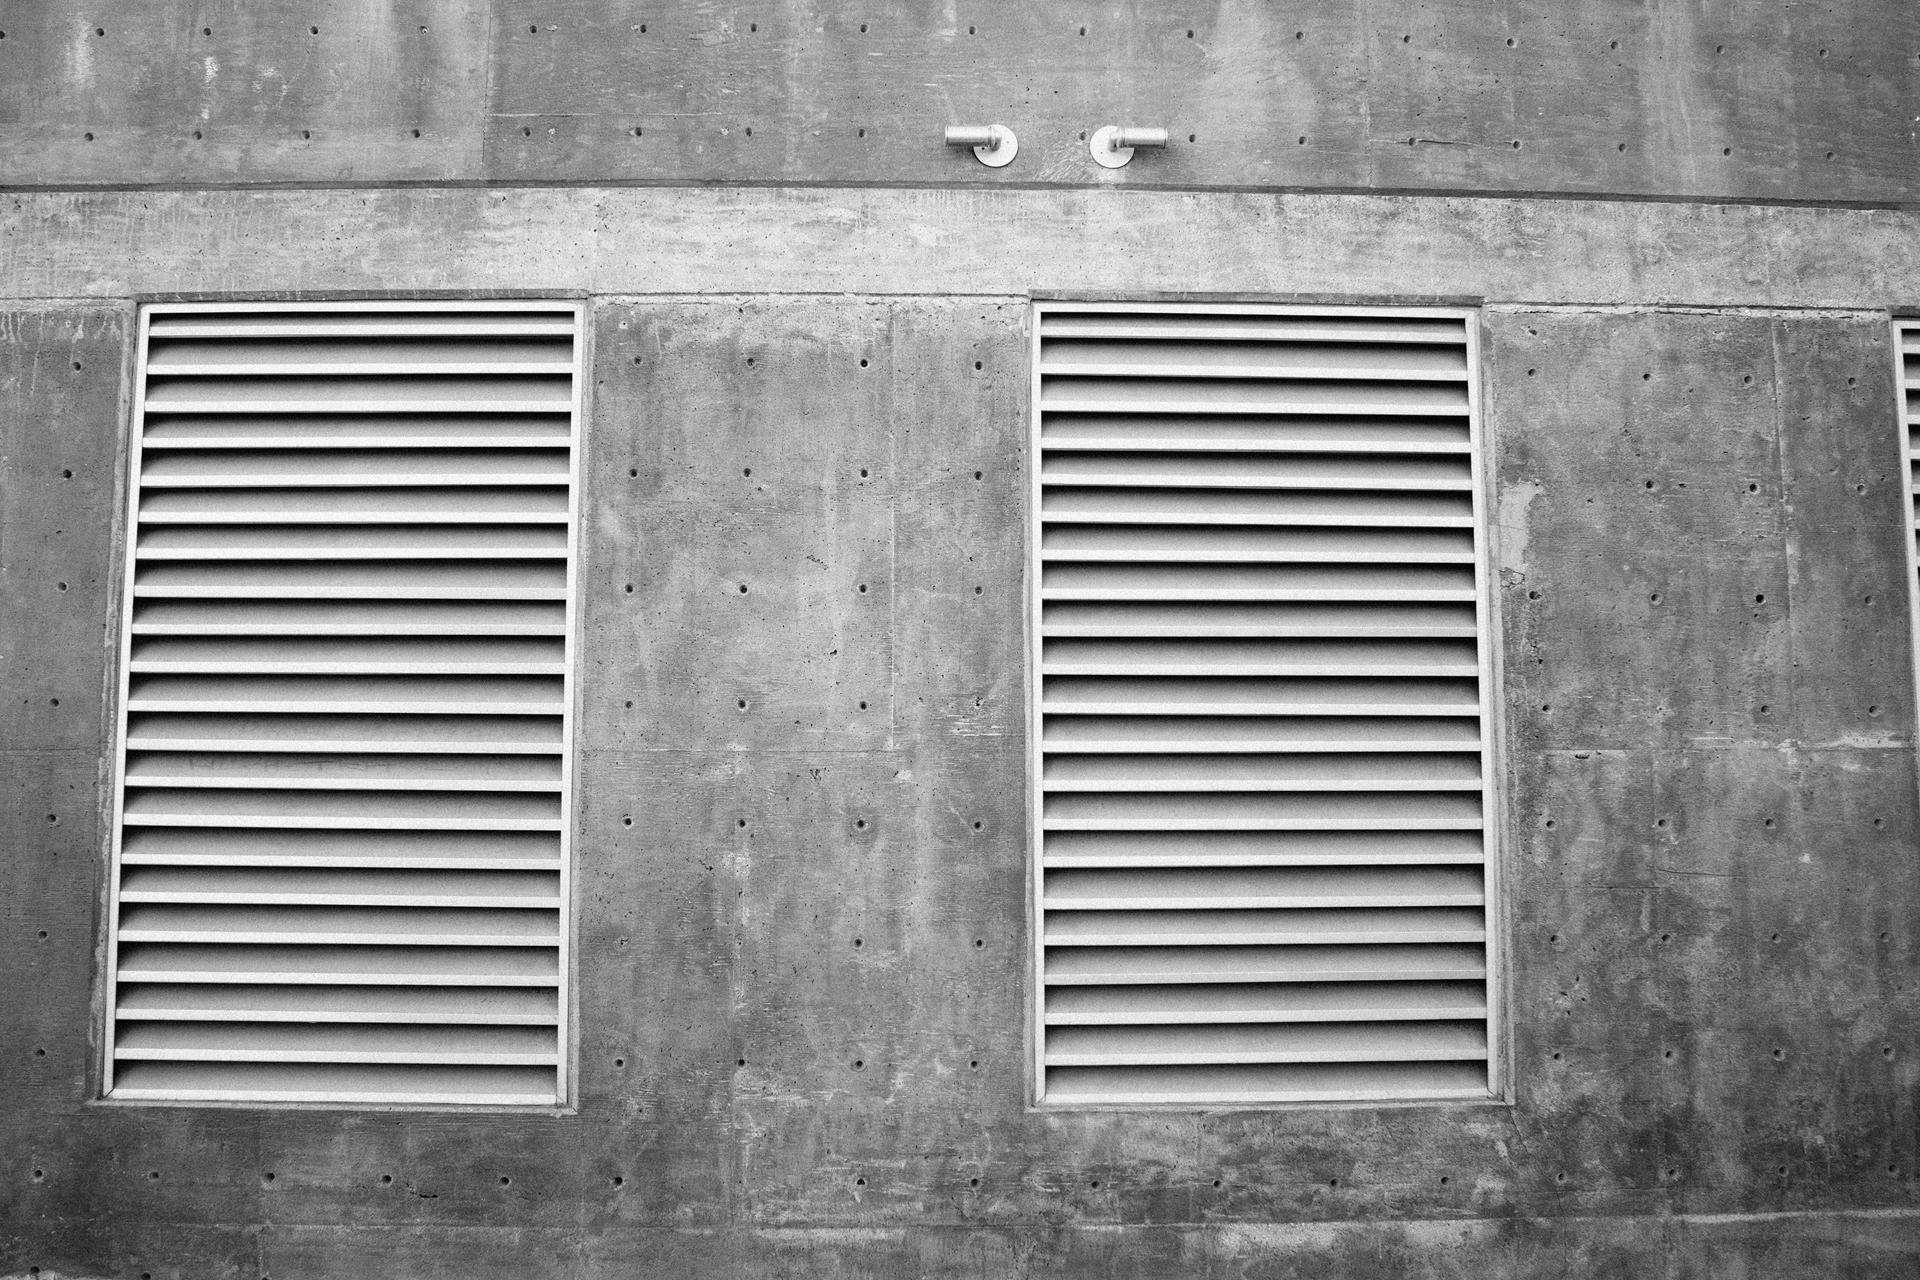 free stock photo of ventilation shaft ventilator. Black Bedroom Furniture Sets. Home Design Ideas